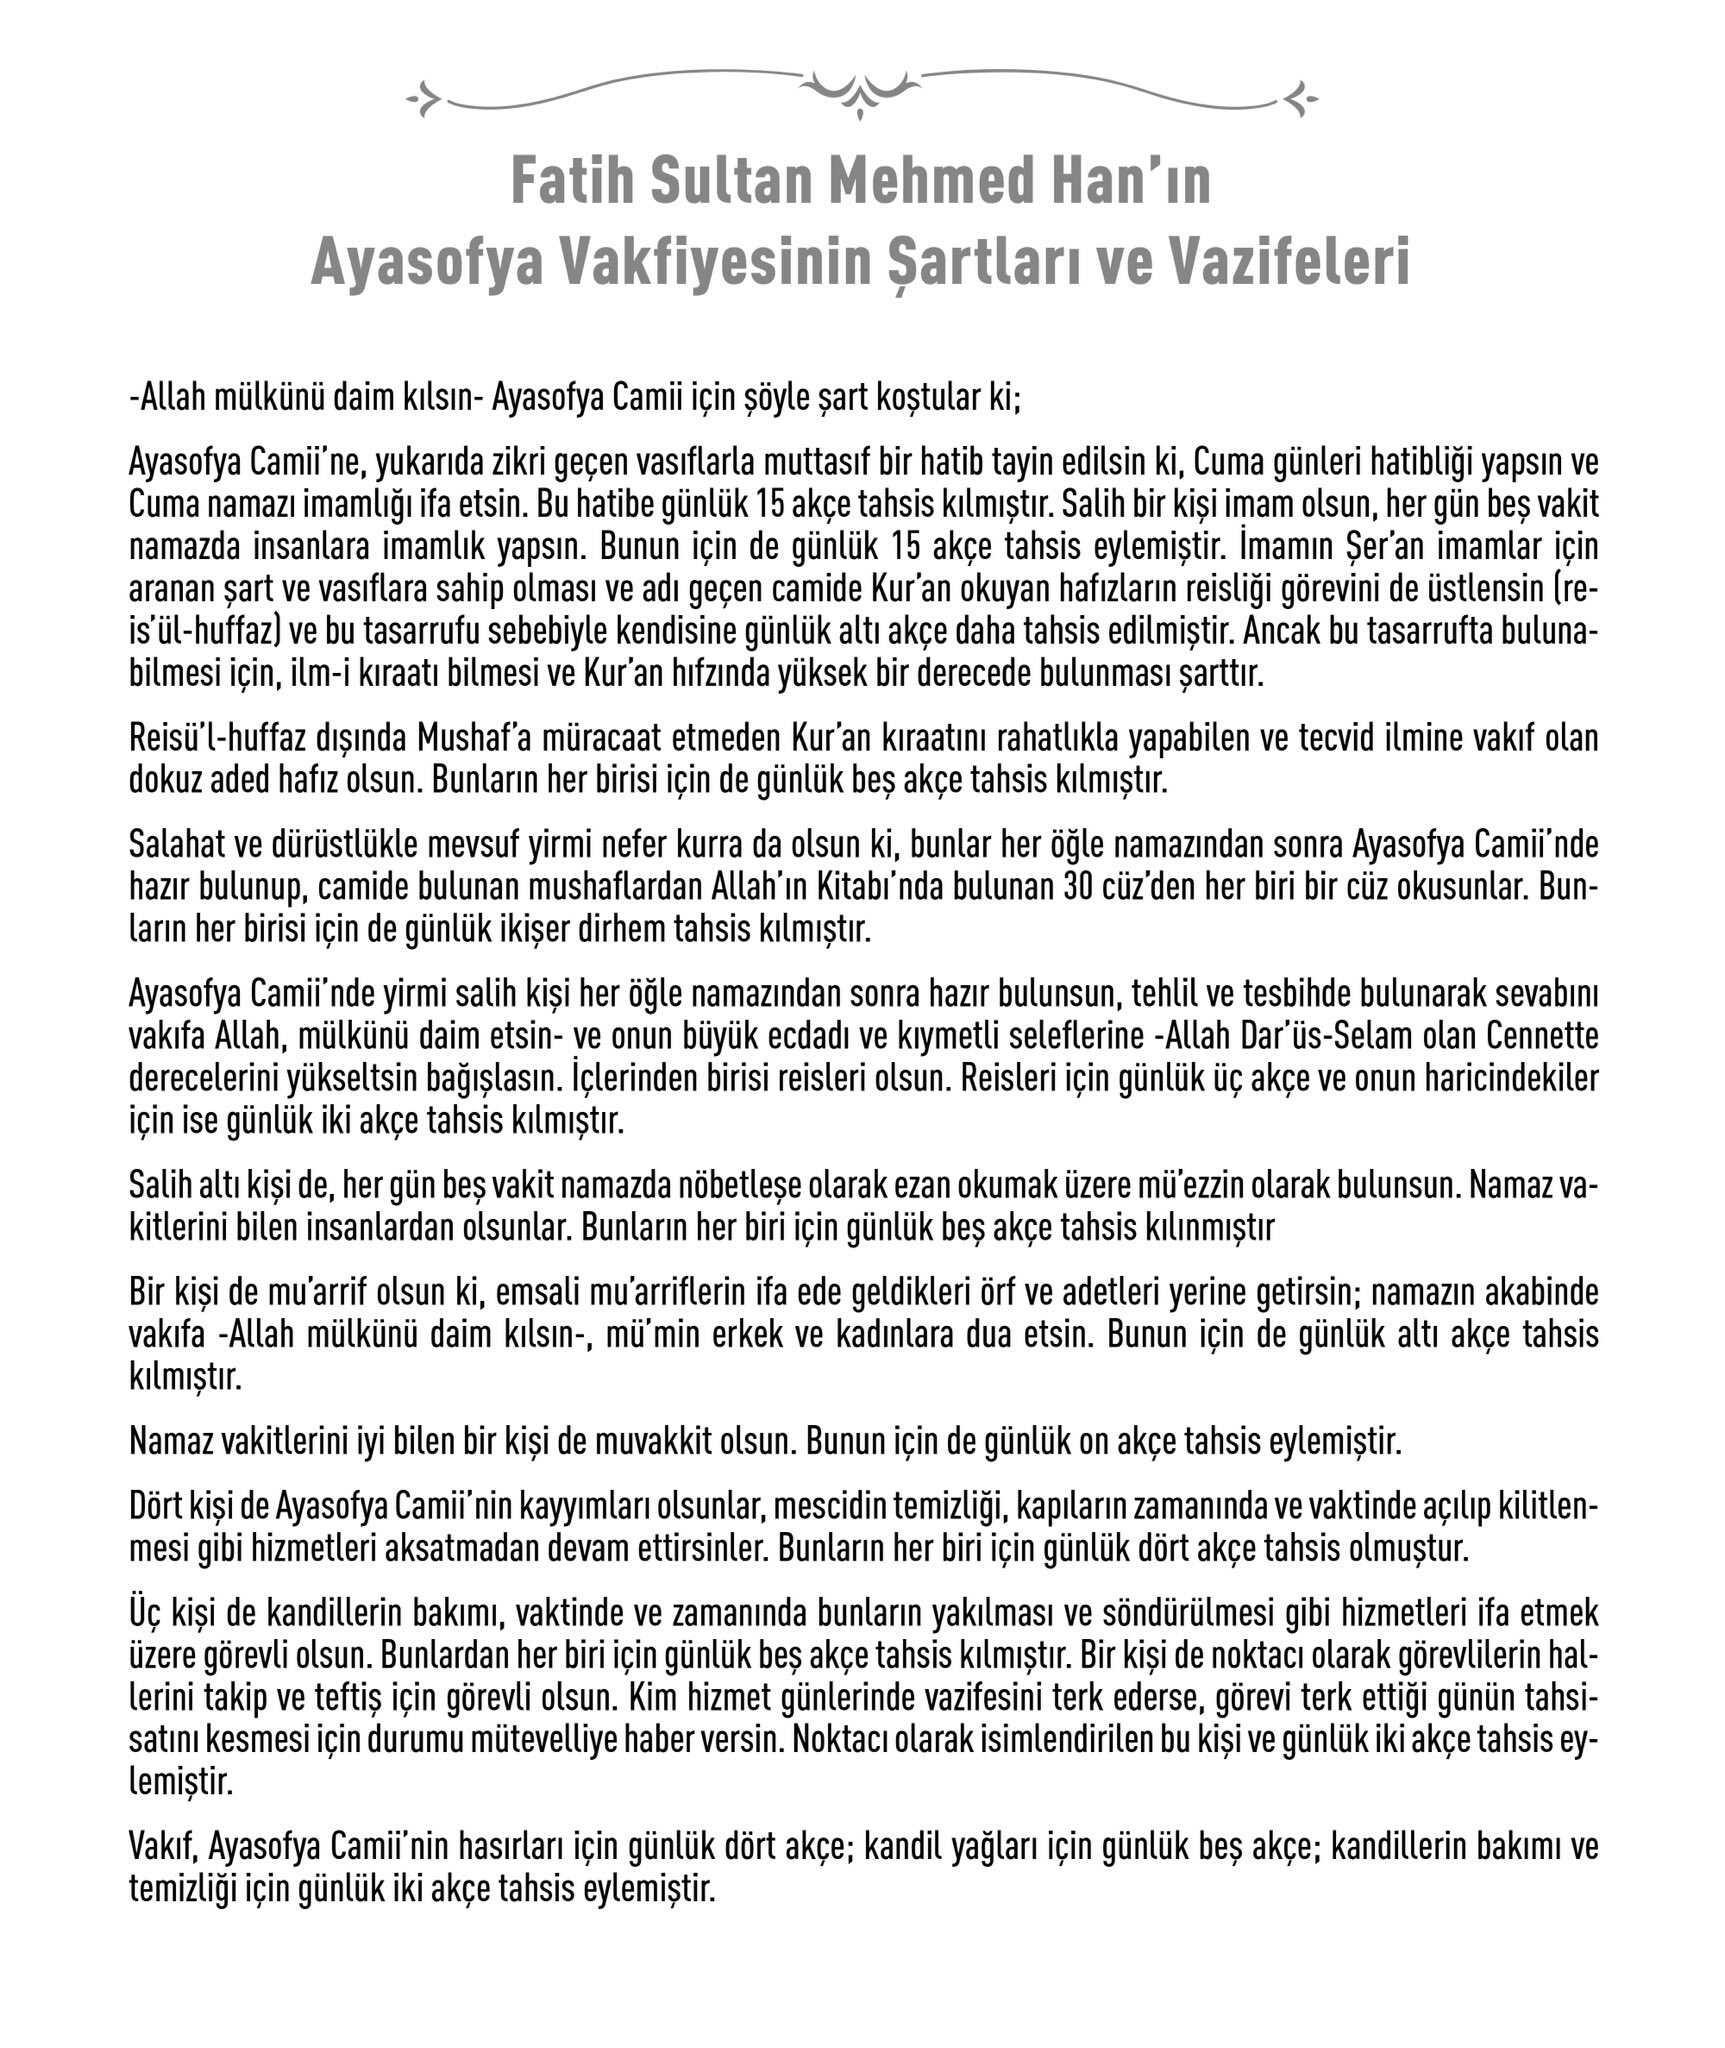 Fatih Sultan Mehmed Han'ın Ayasofya Vakfiyesinin Şartları ve Vazifeleri